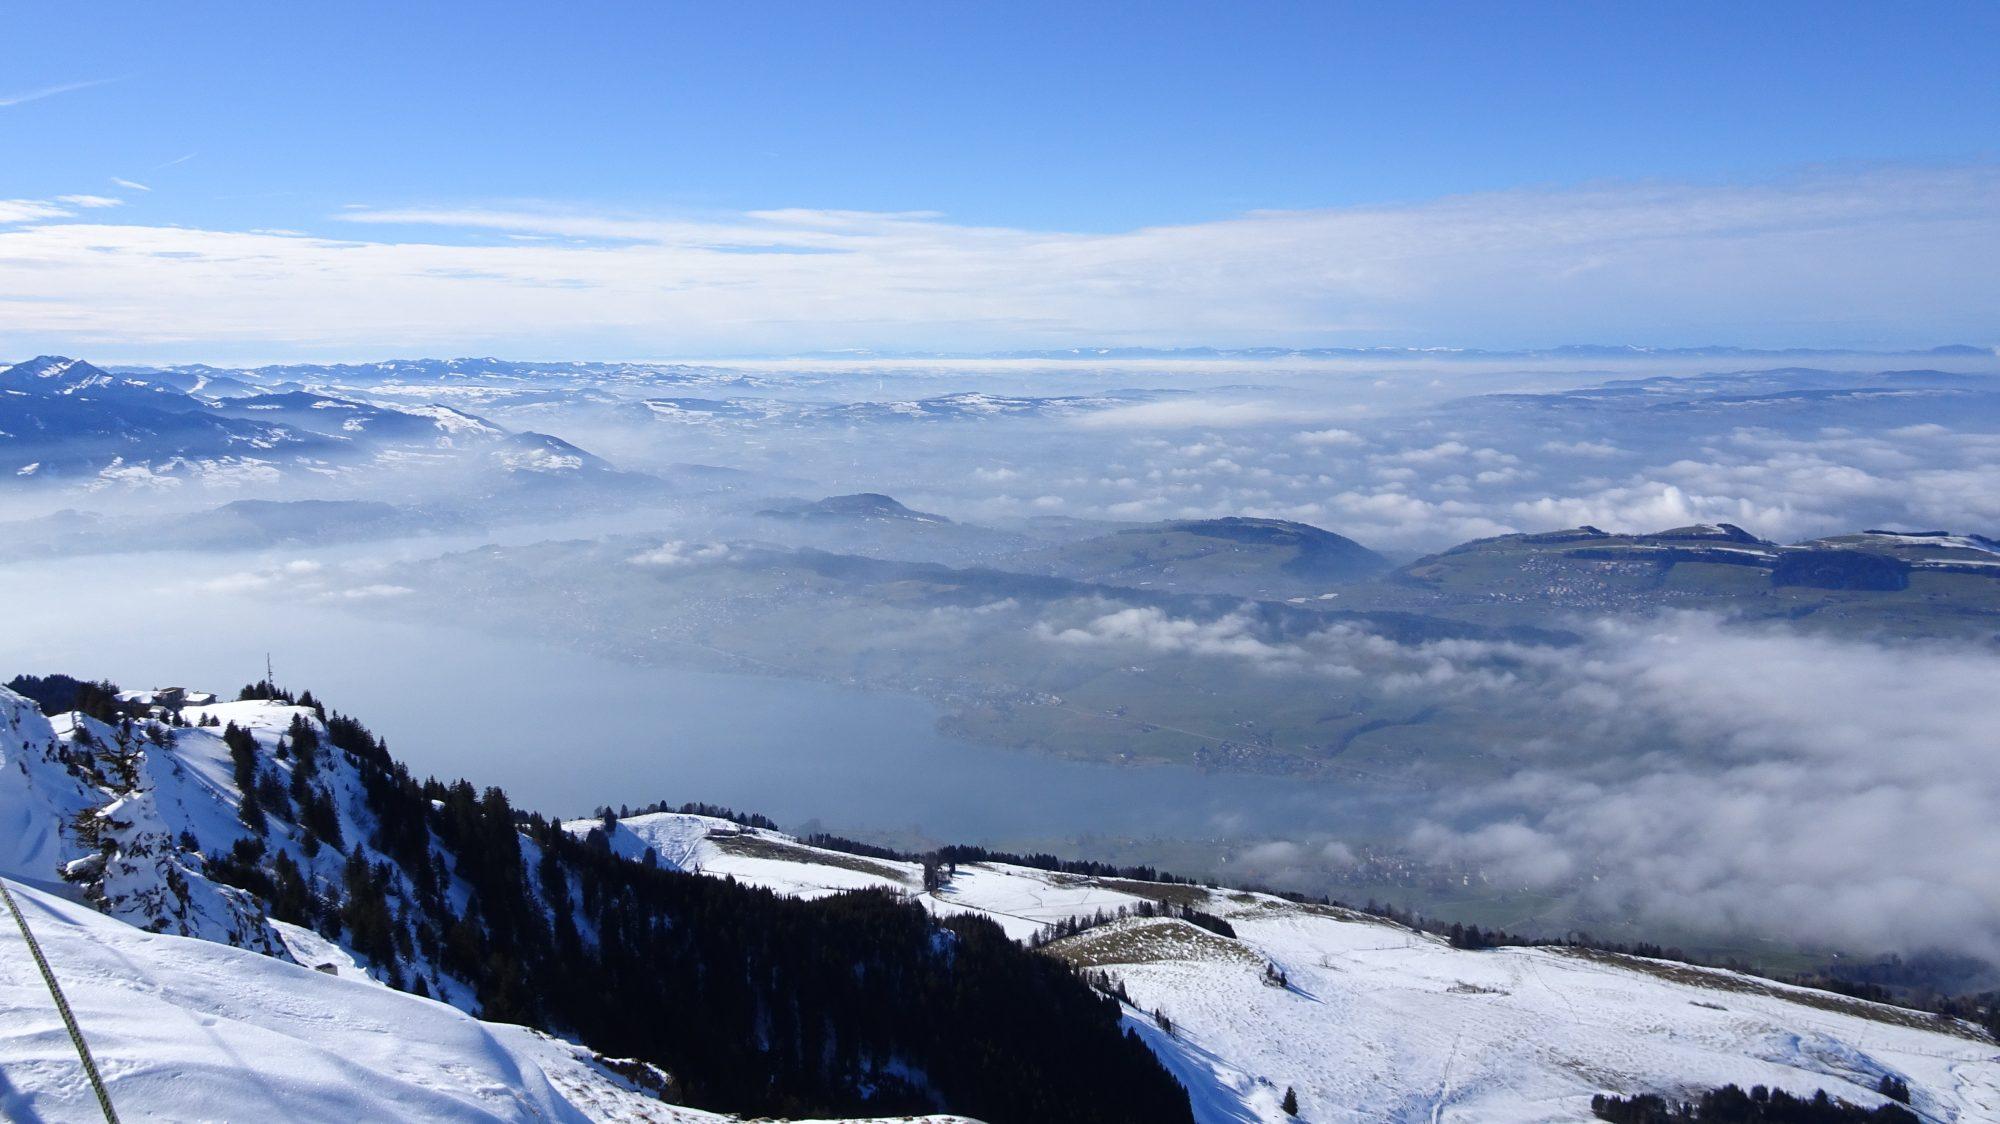 Schweiz, Luzern, Zürich, Rigi, Winterwanderung